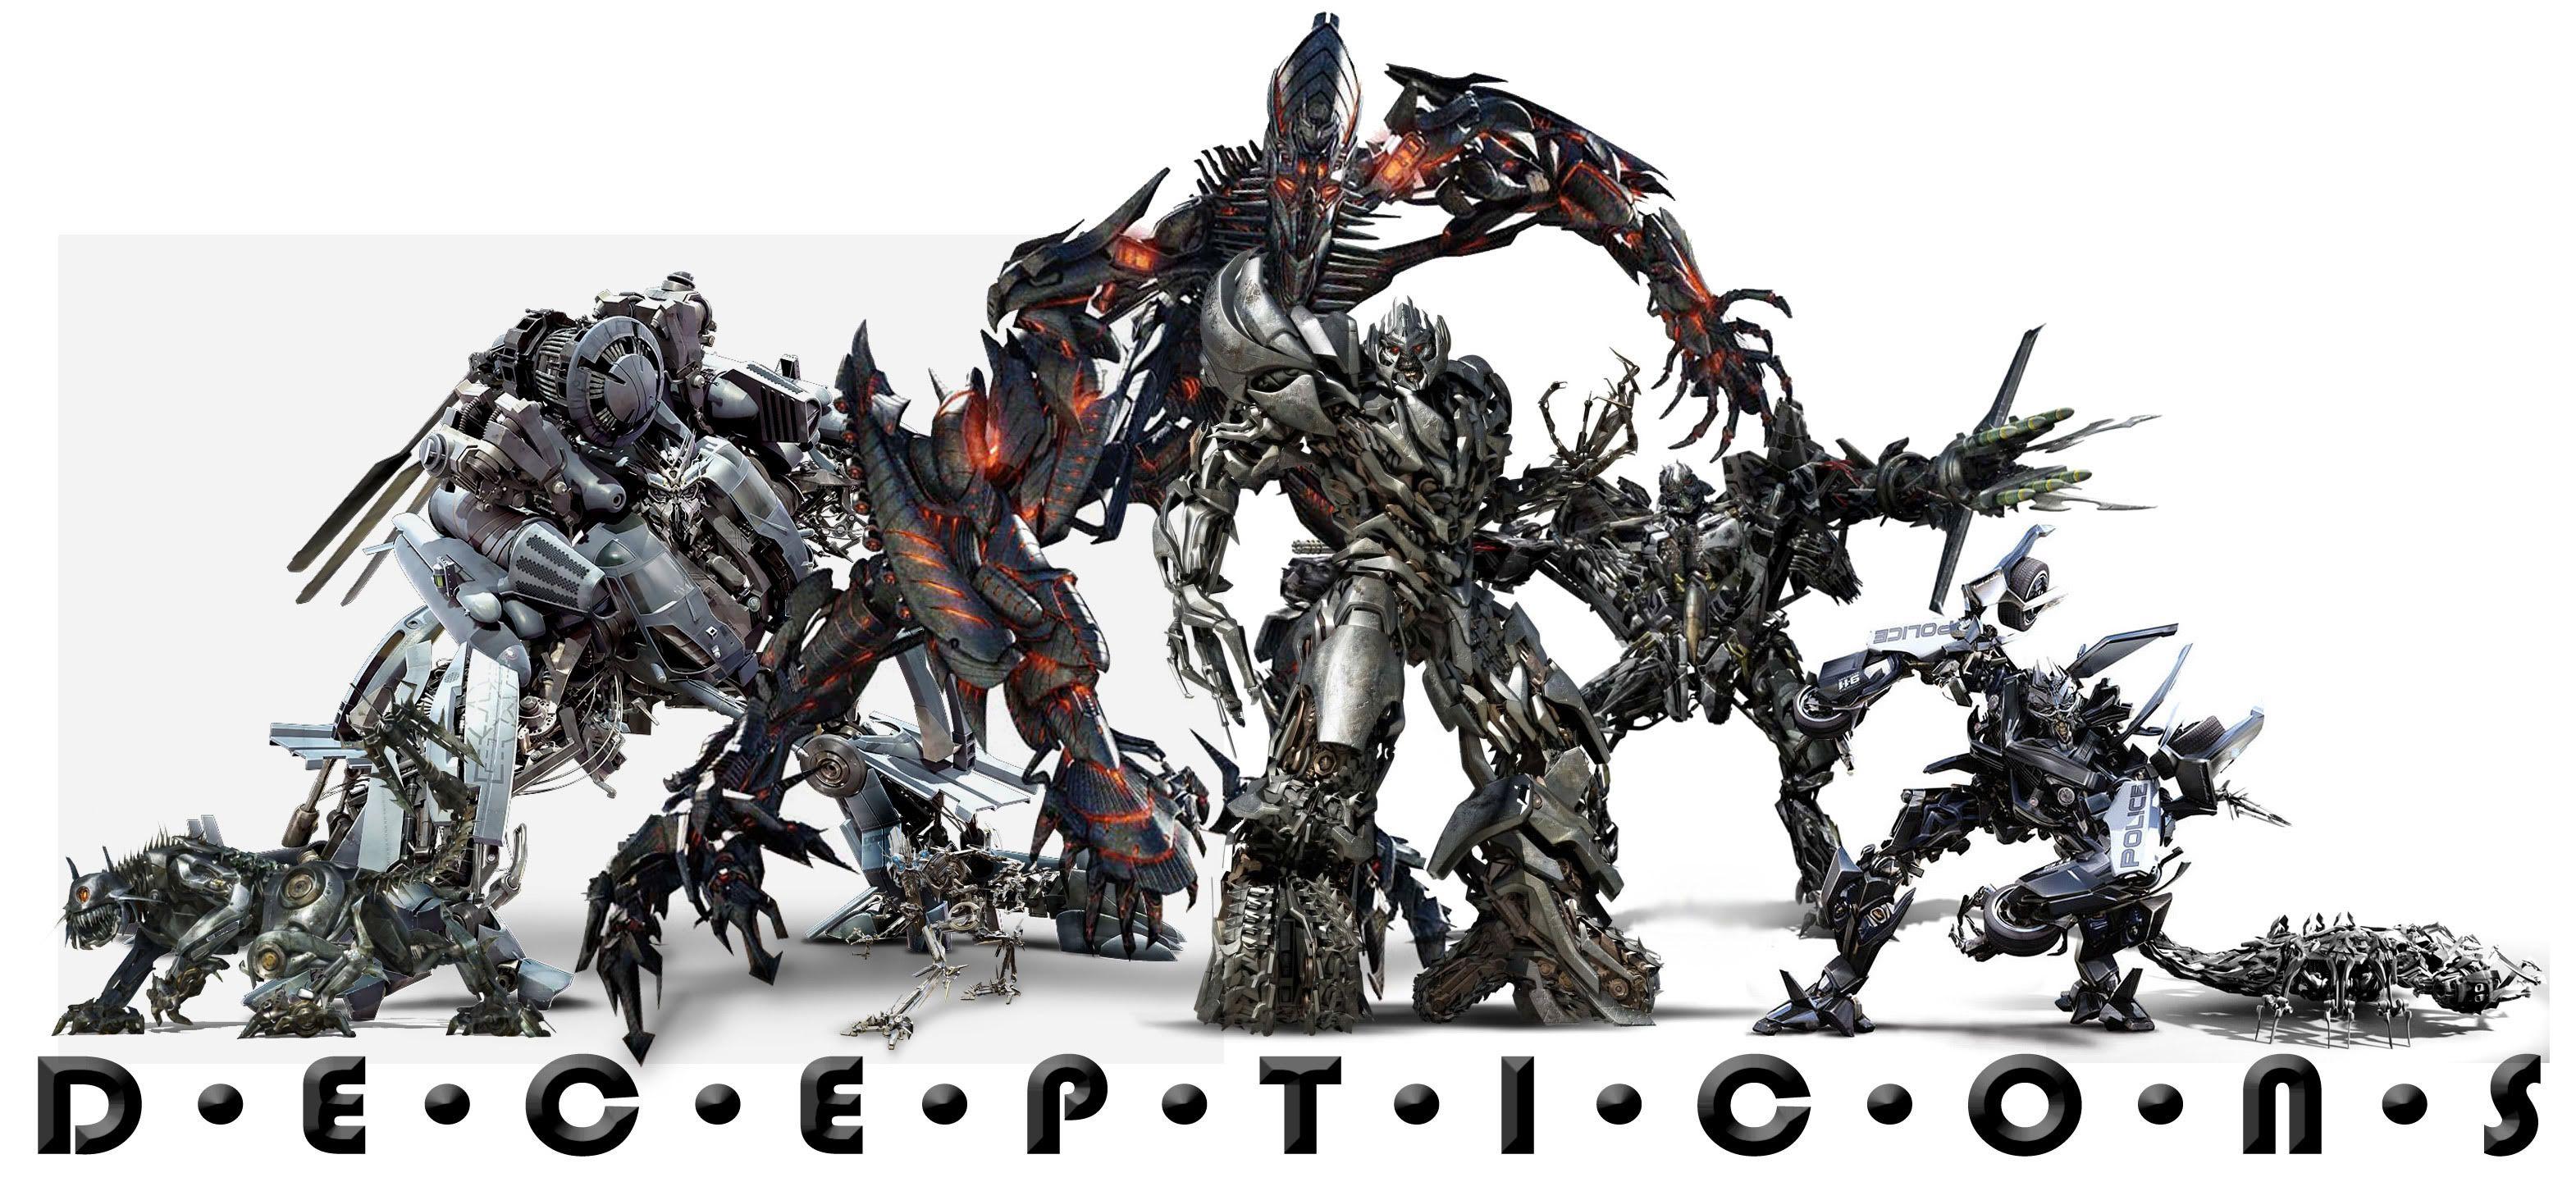 Transformers Decepticons | Transformers vs. Decepticon ...